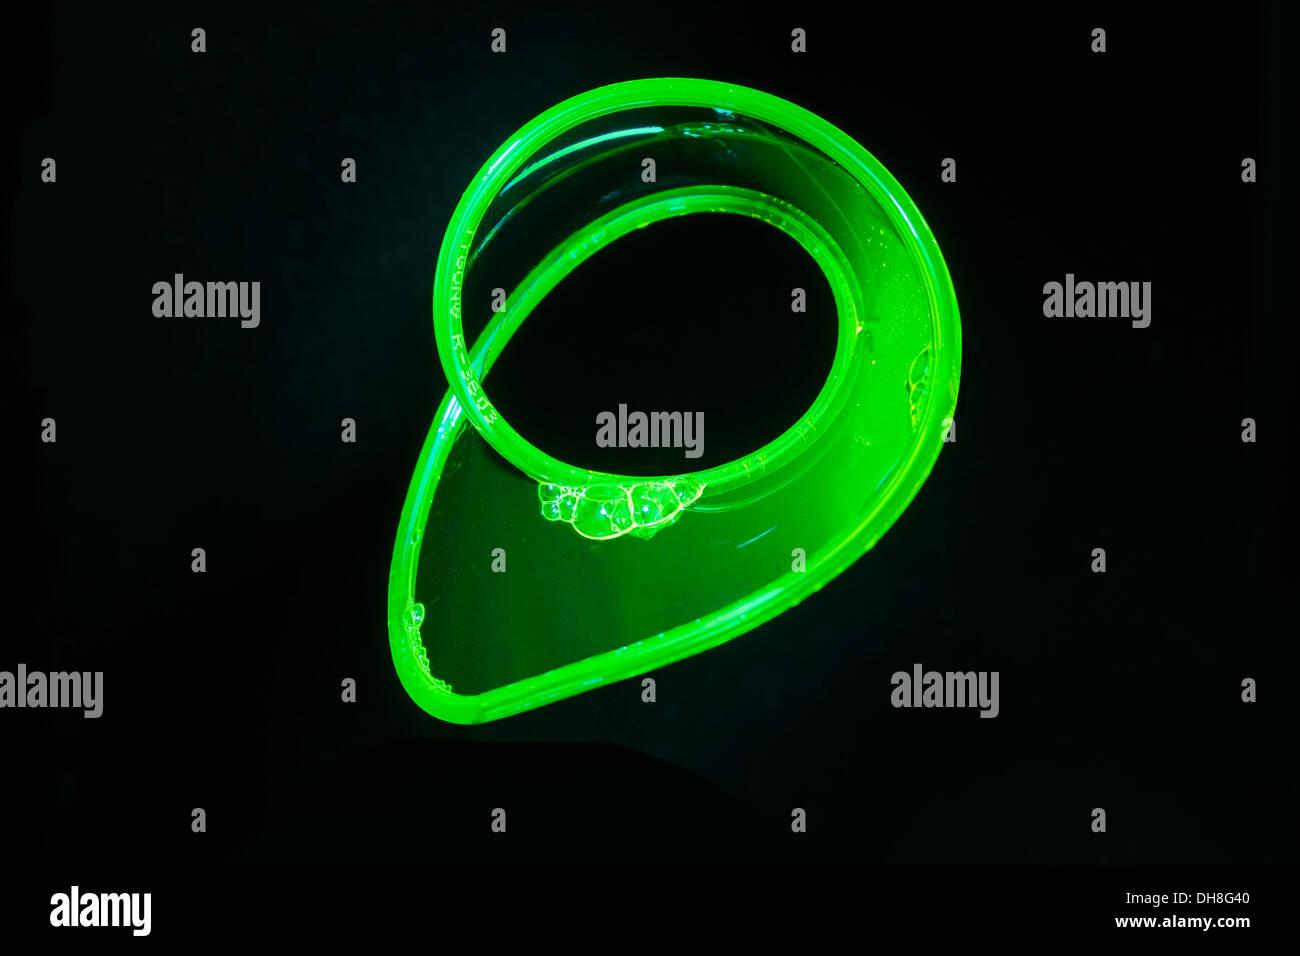 Mobius Strip Animation